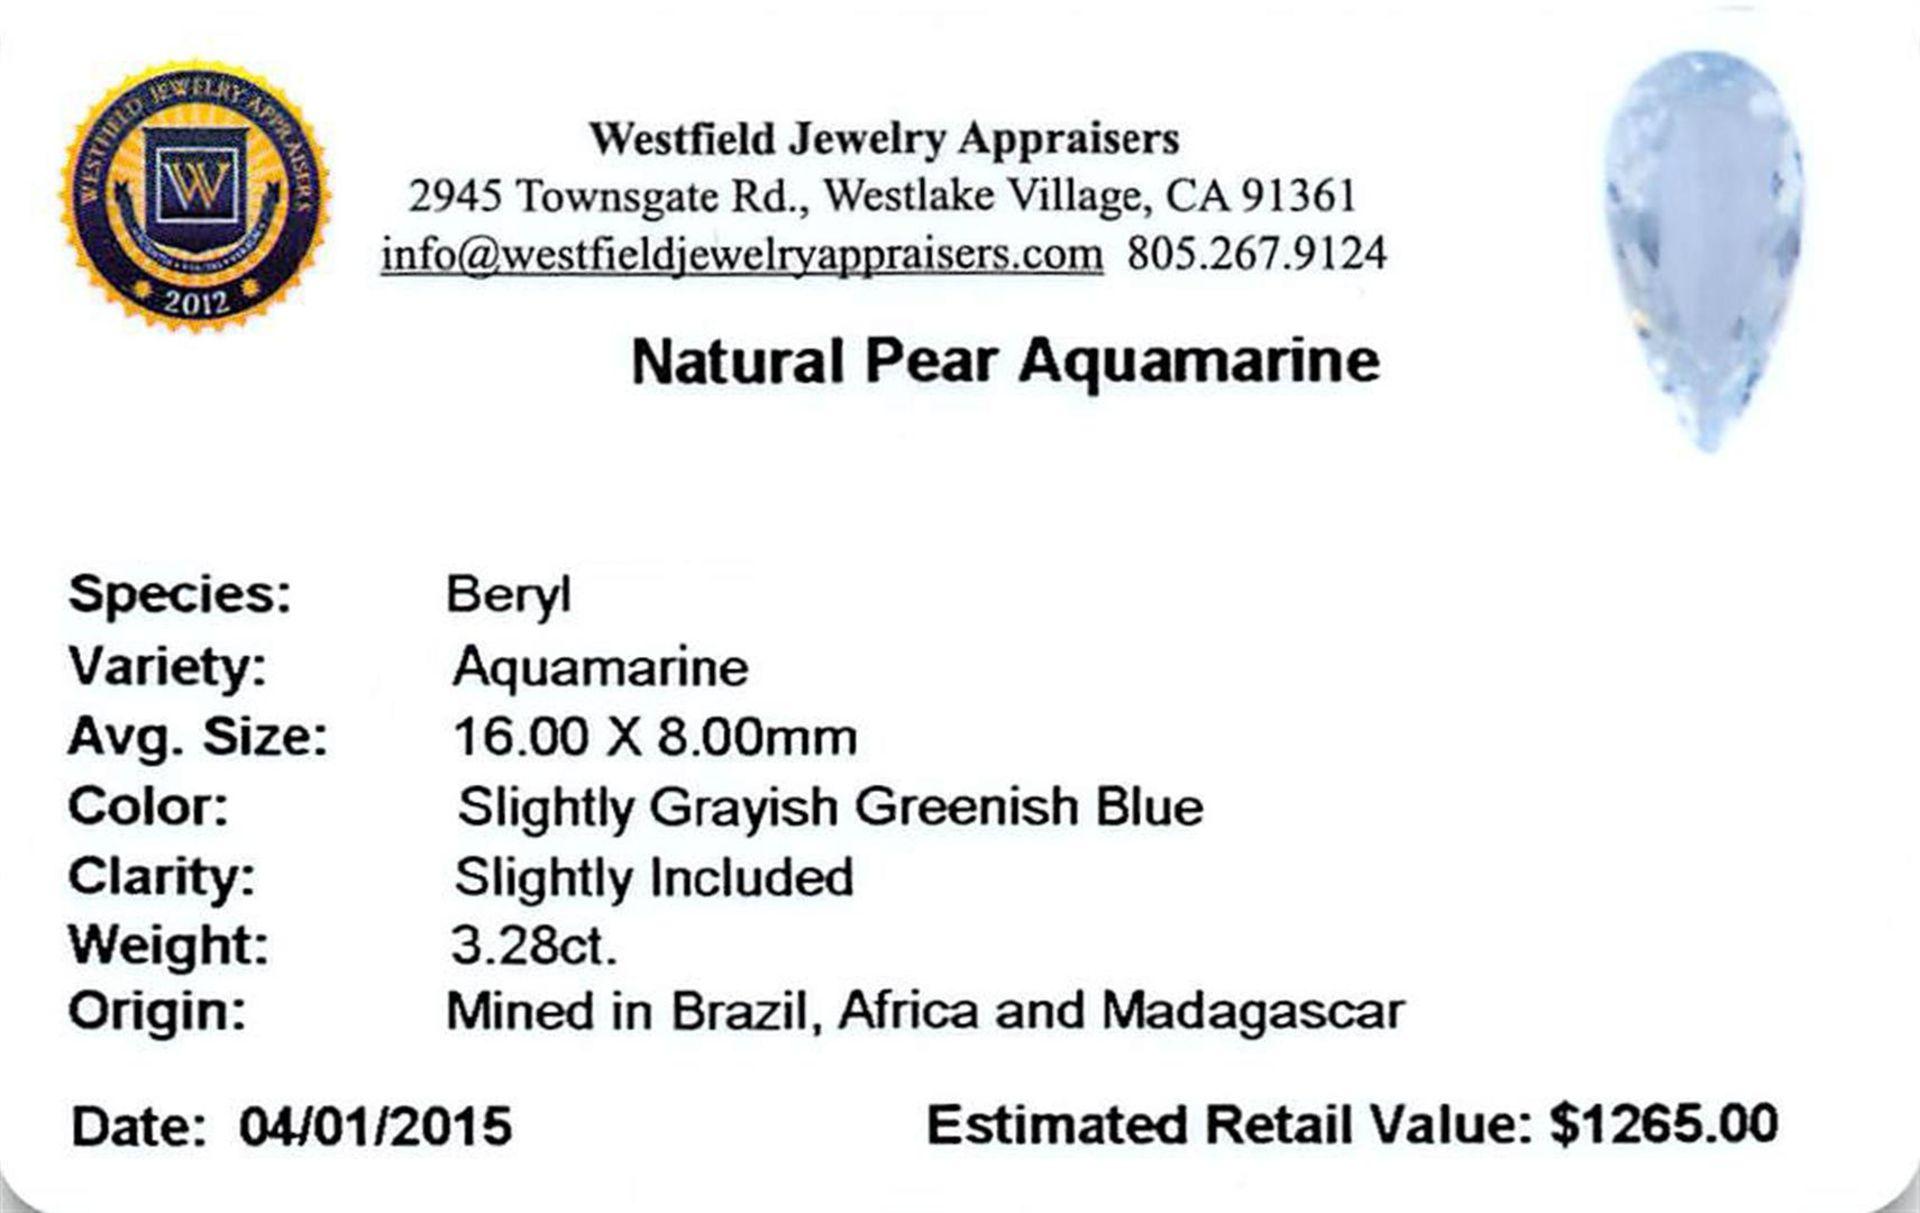 3.28ctw Pear Aquamarine Parcel - Image 2 of 2